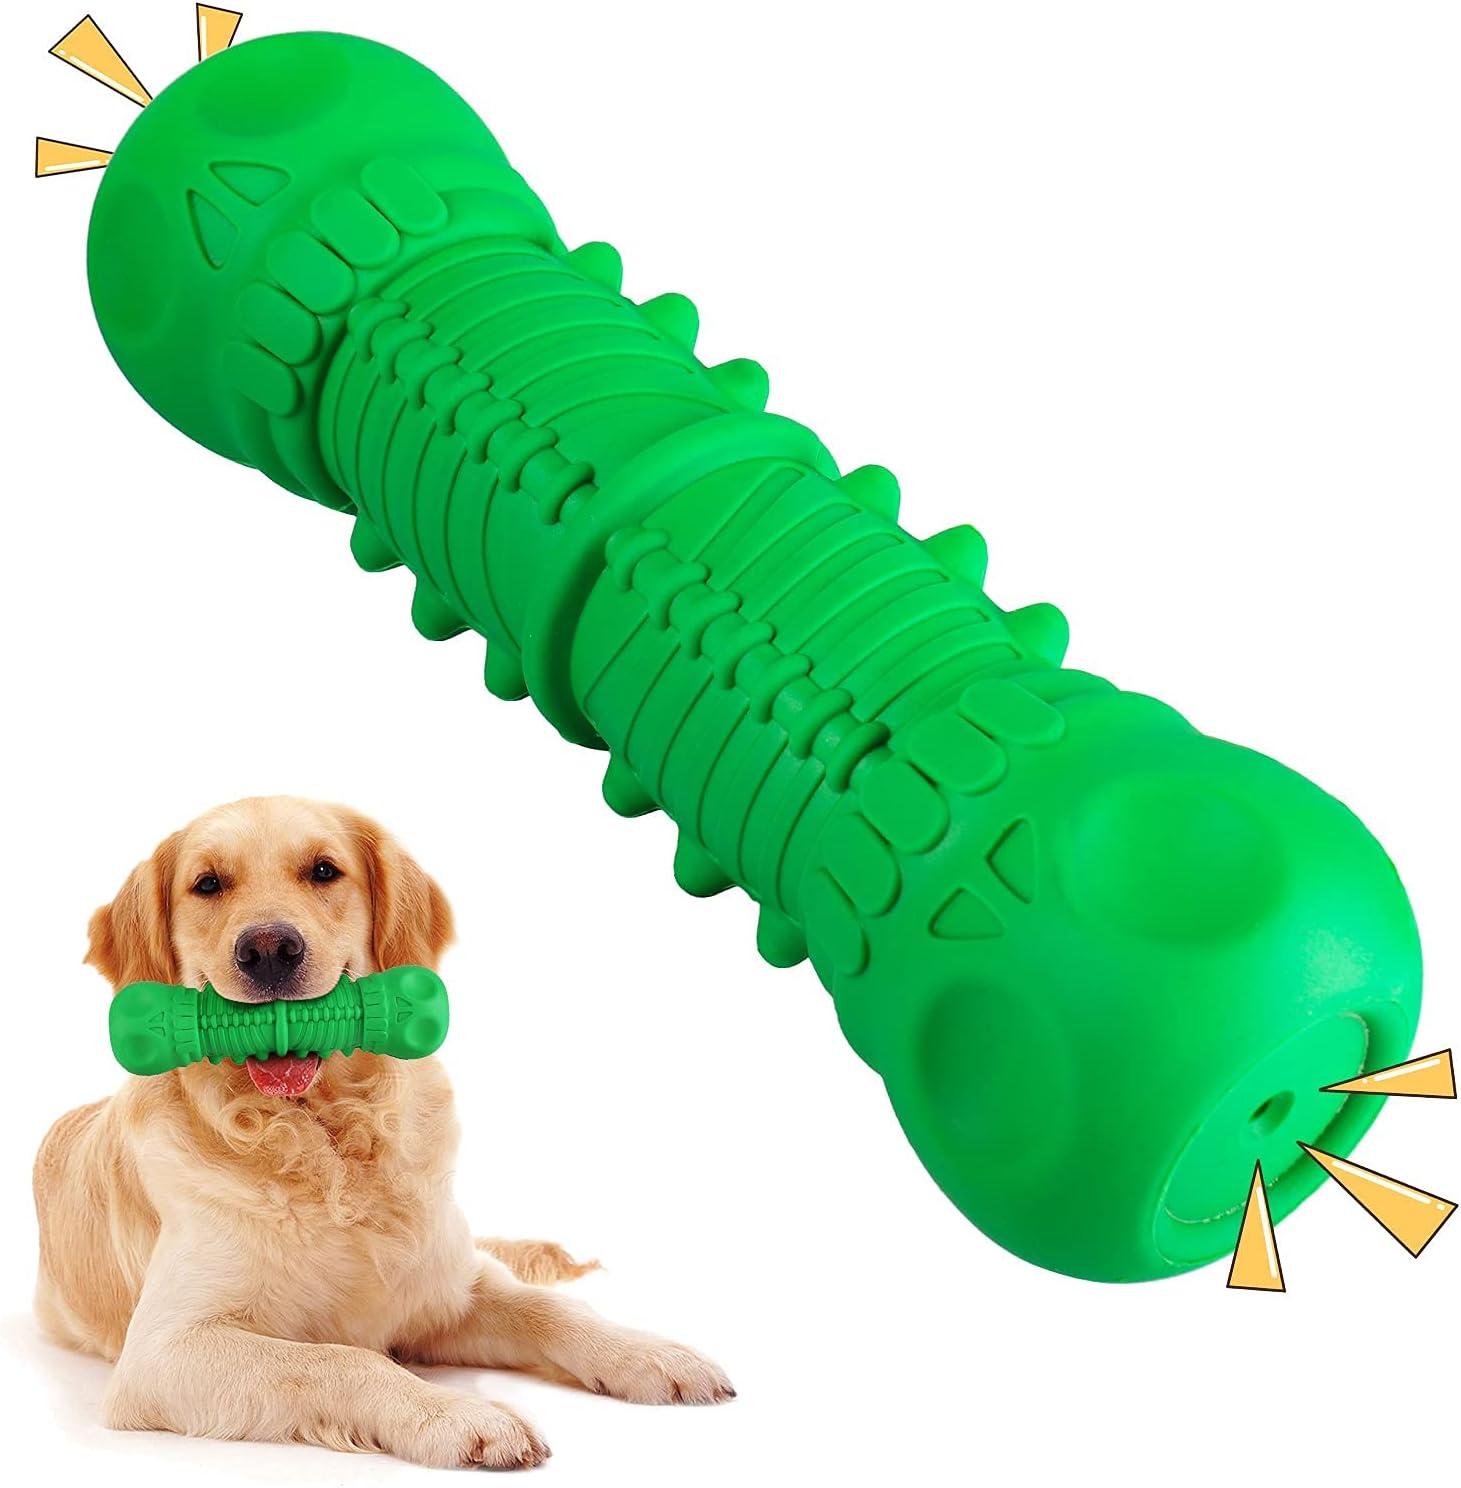 HALOVIE Juguete Molar Multifuncional para Mascotas Juguete Molar para Perros con Ventosas Dobles Limpieza de Dientes con Función de Cuidado Dental Juguete para Perros Pequeños y Grandes